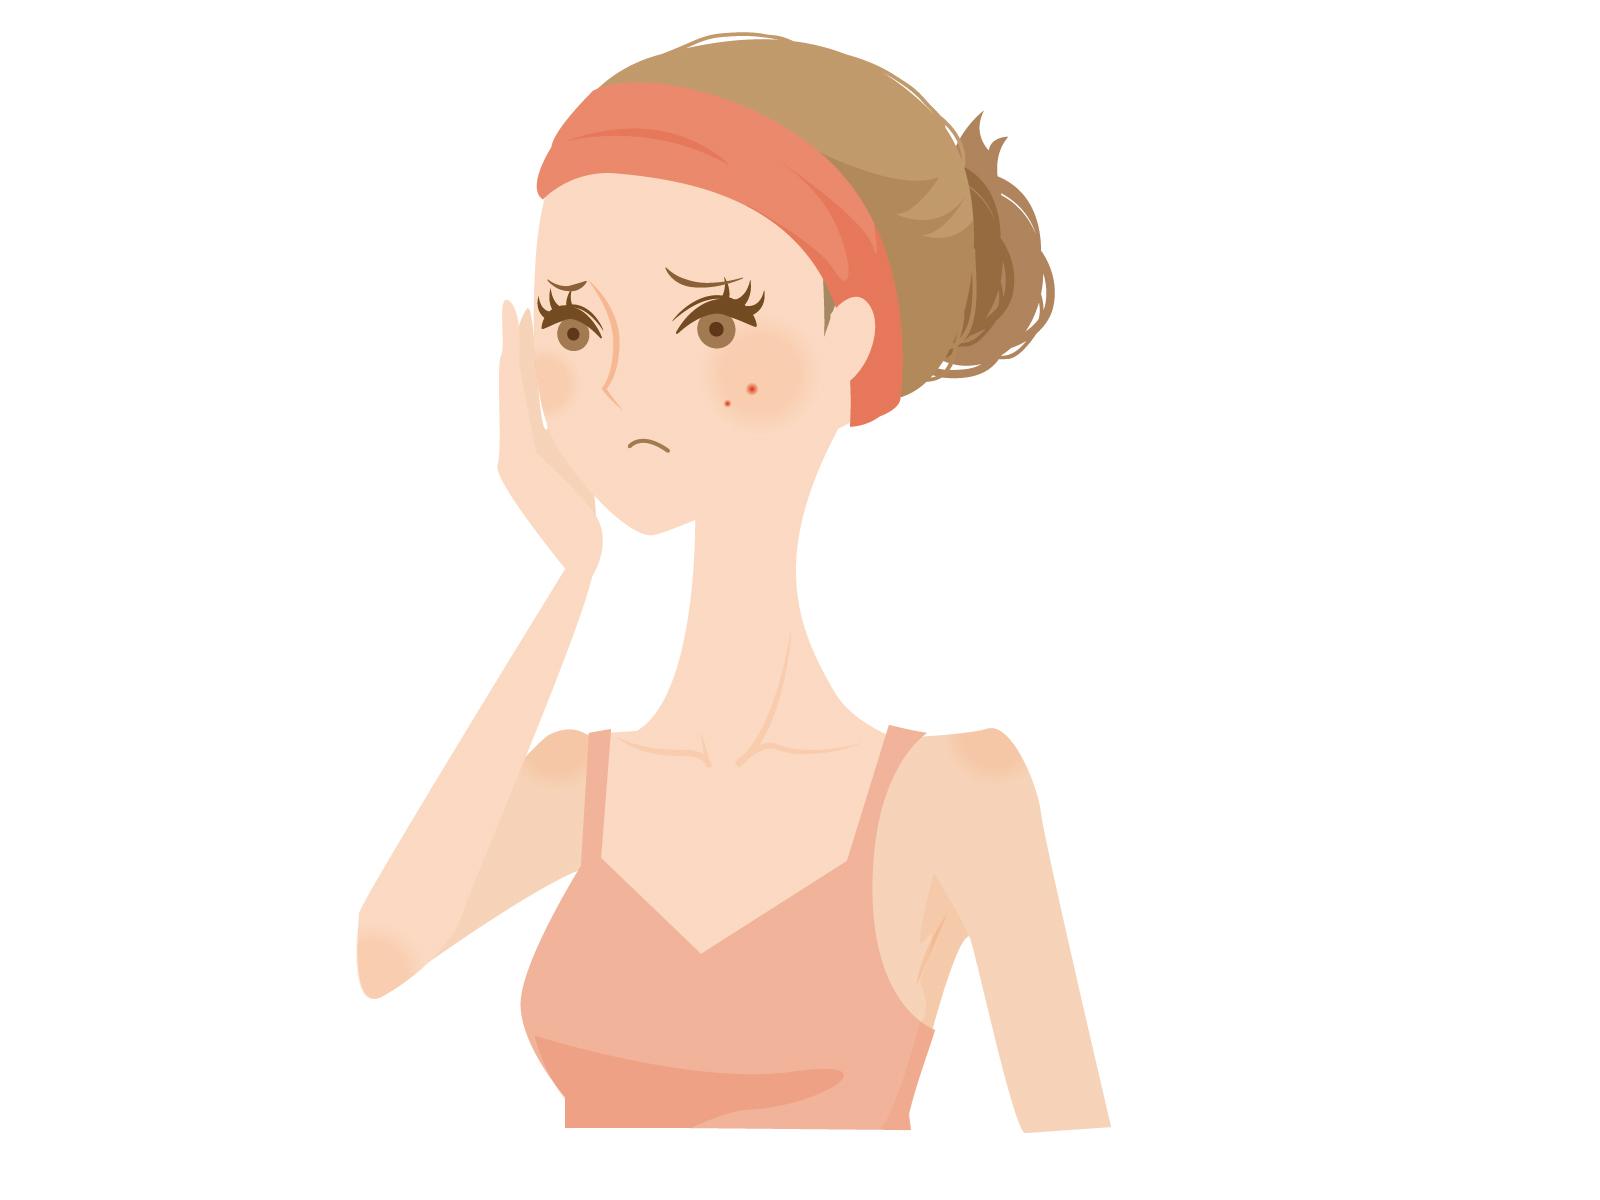 女性の肌荒れのイメージ画像